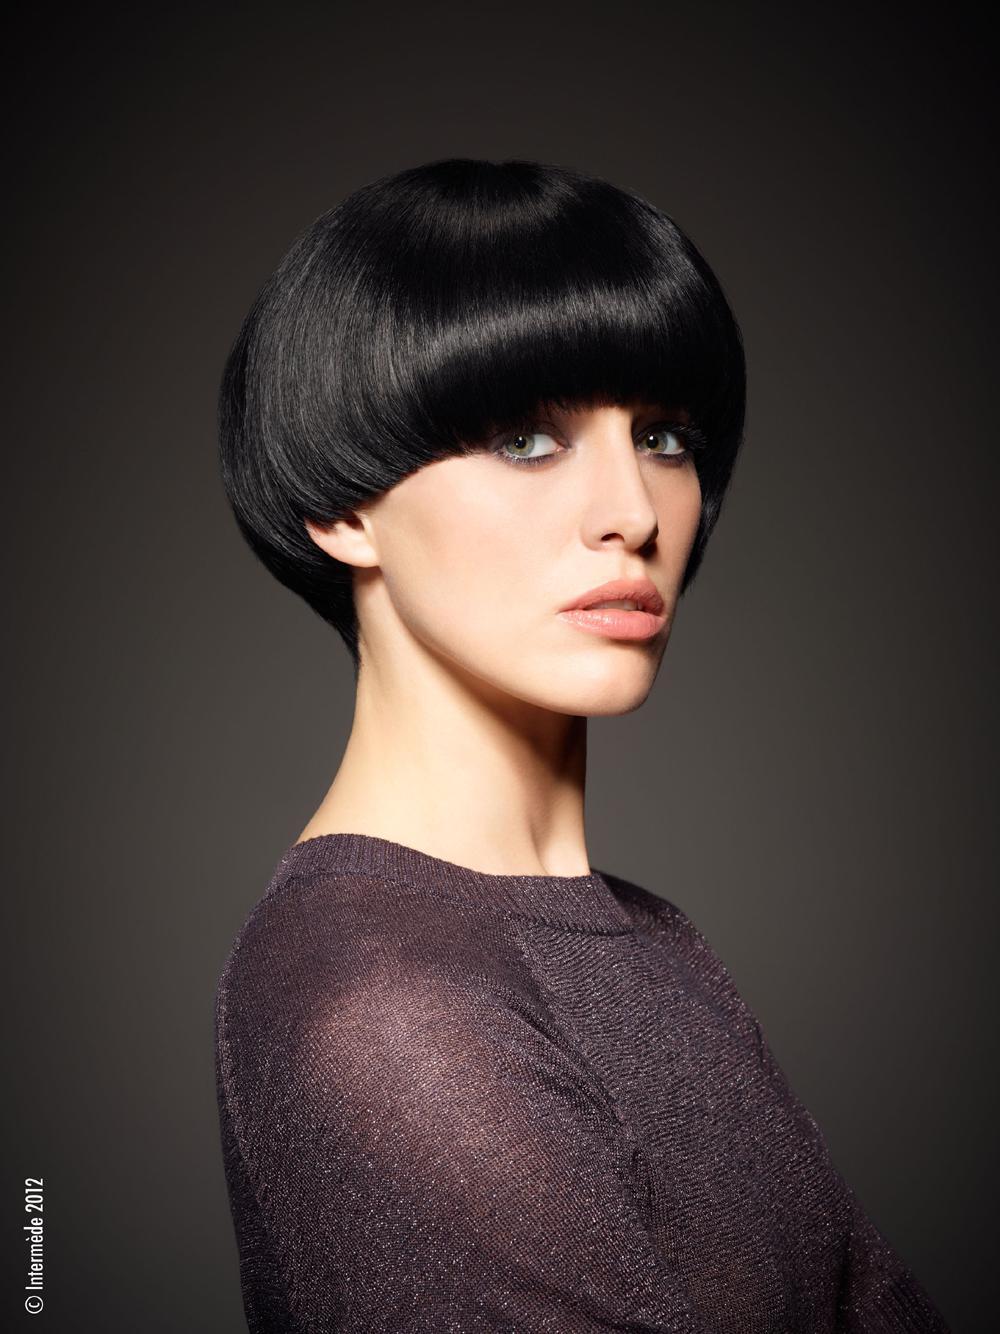 image30-19 | Модные женские стрижки на короткие волосы: основные правила и варианты исполнения